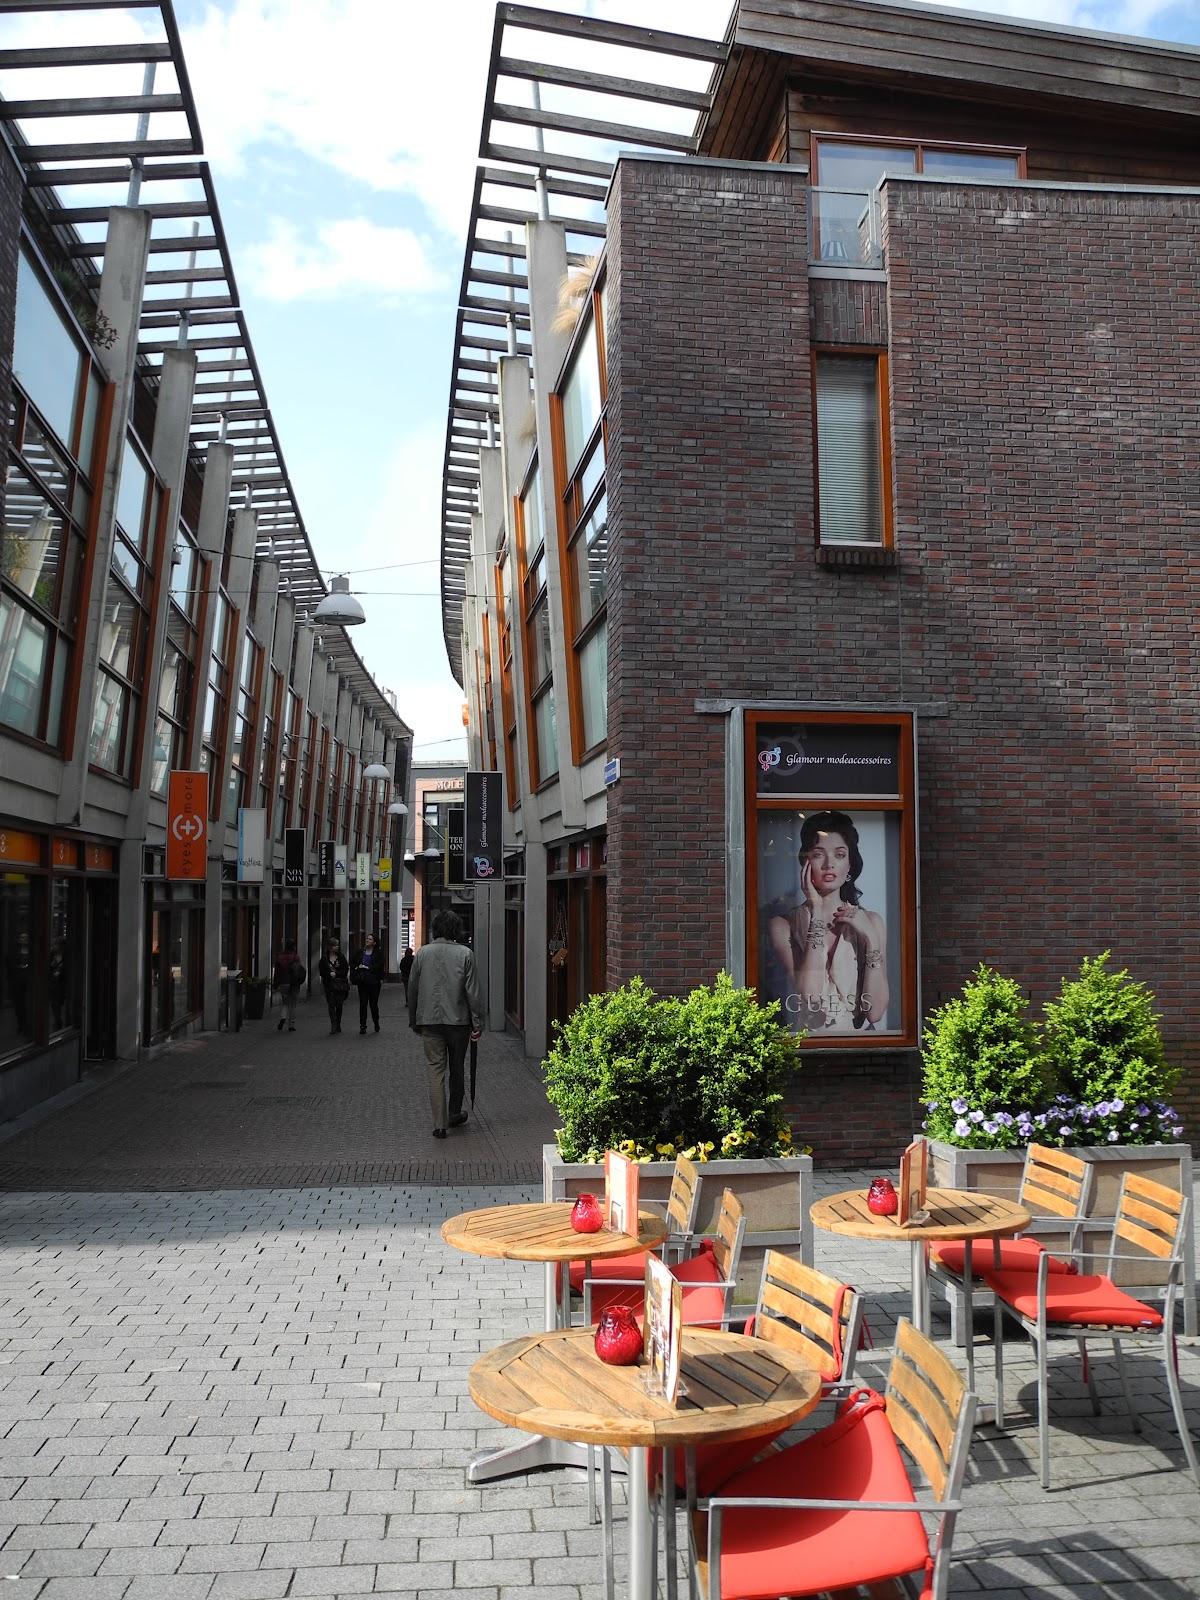 Nijmegen Netherlands  city pictures gallery : Nijmegen Netherlands